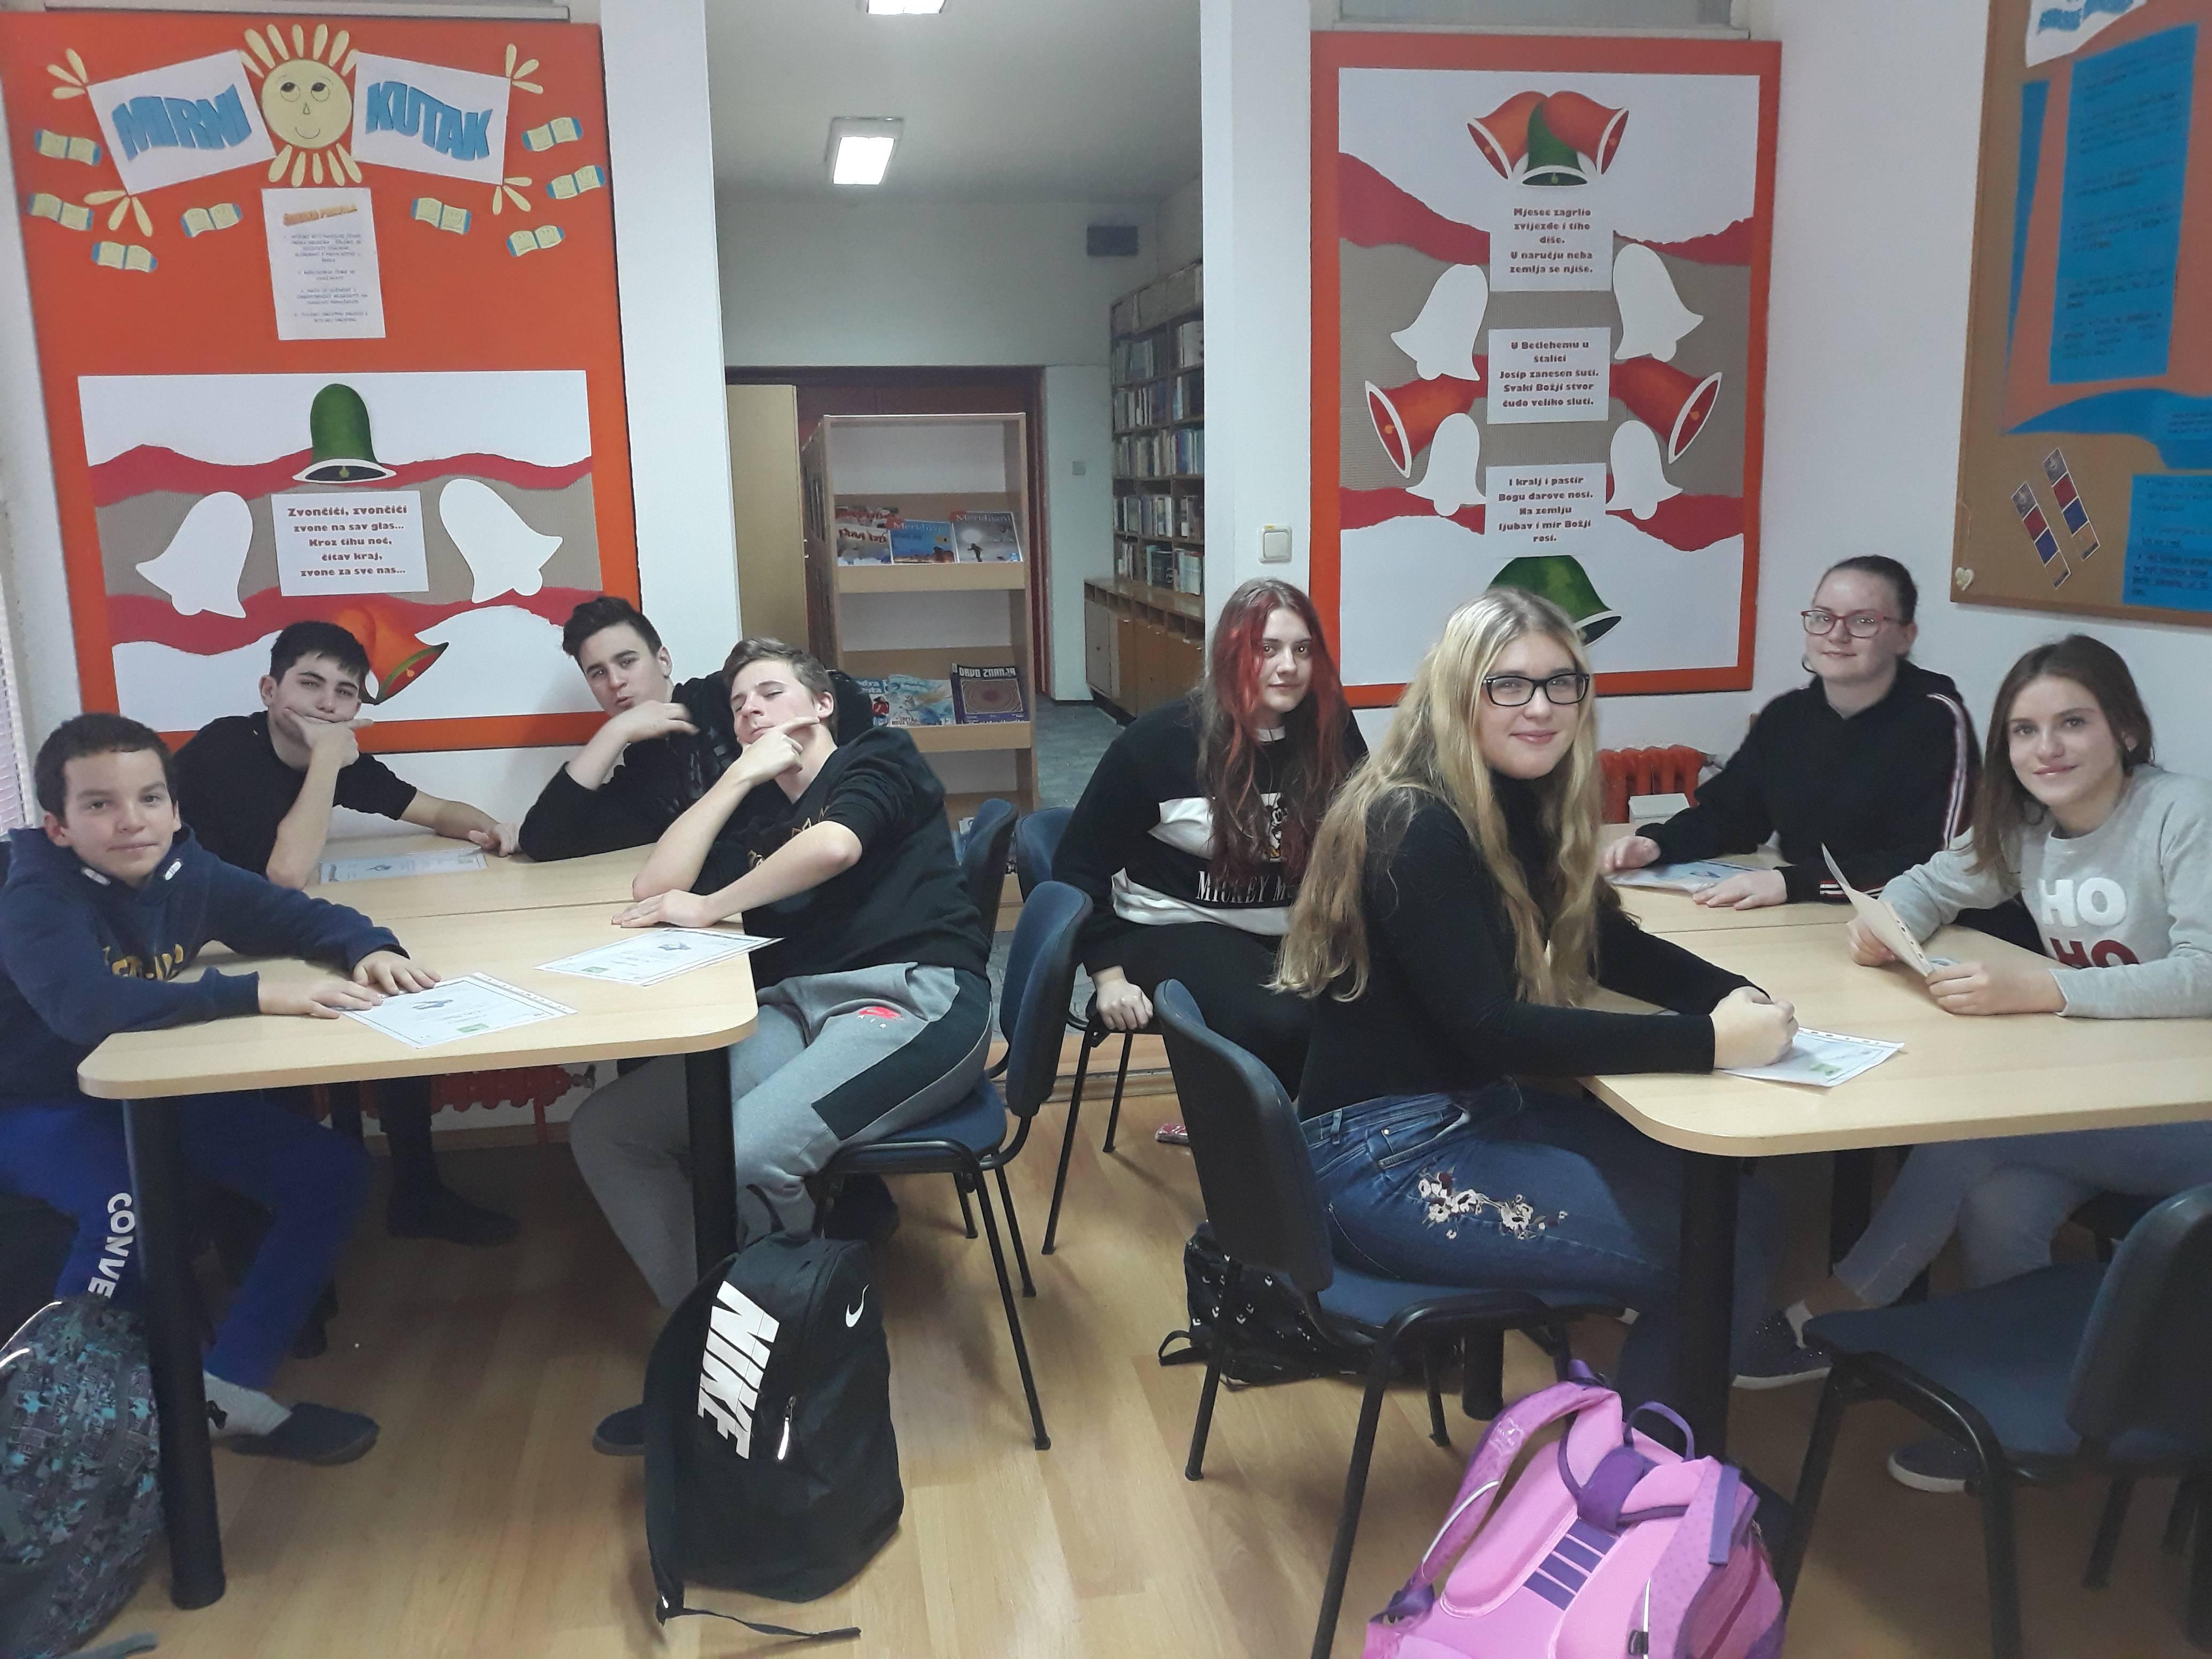 Osnovna Skola Augusta Cesarca Krapina Naslovnica Sudjelovali